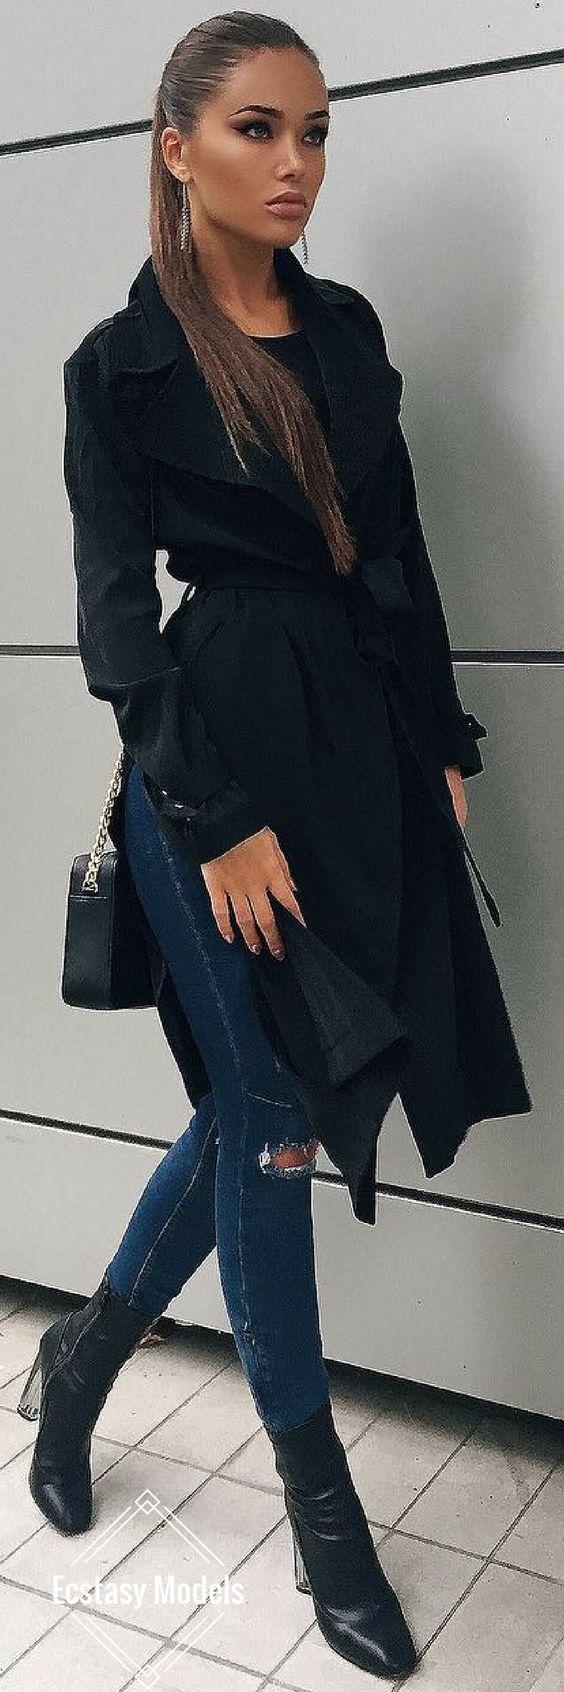 Stylish Trench // Fashion Look by Natali Danish